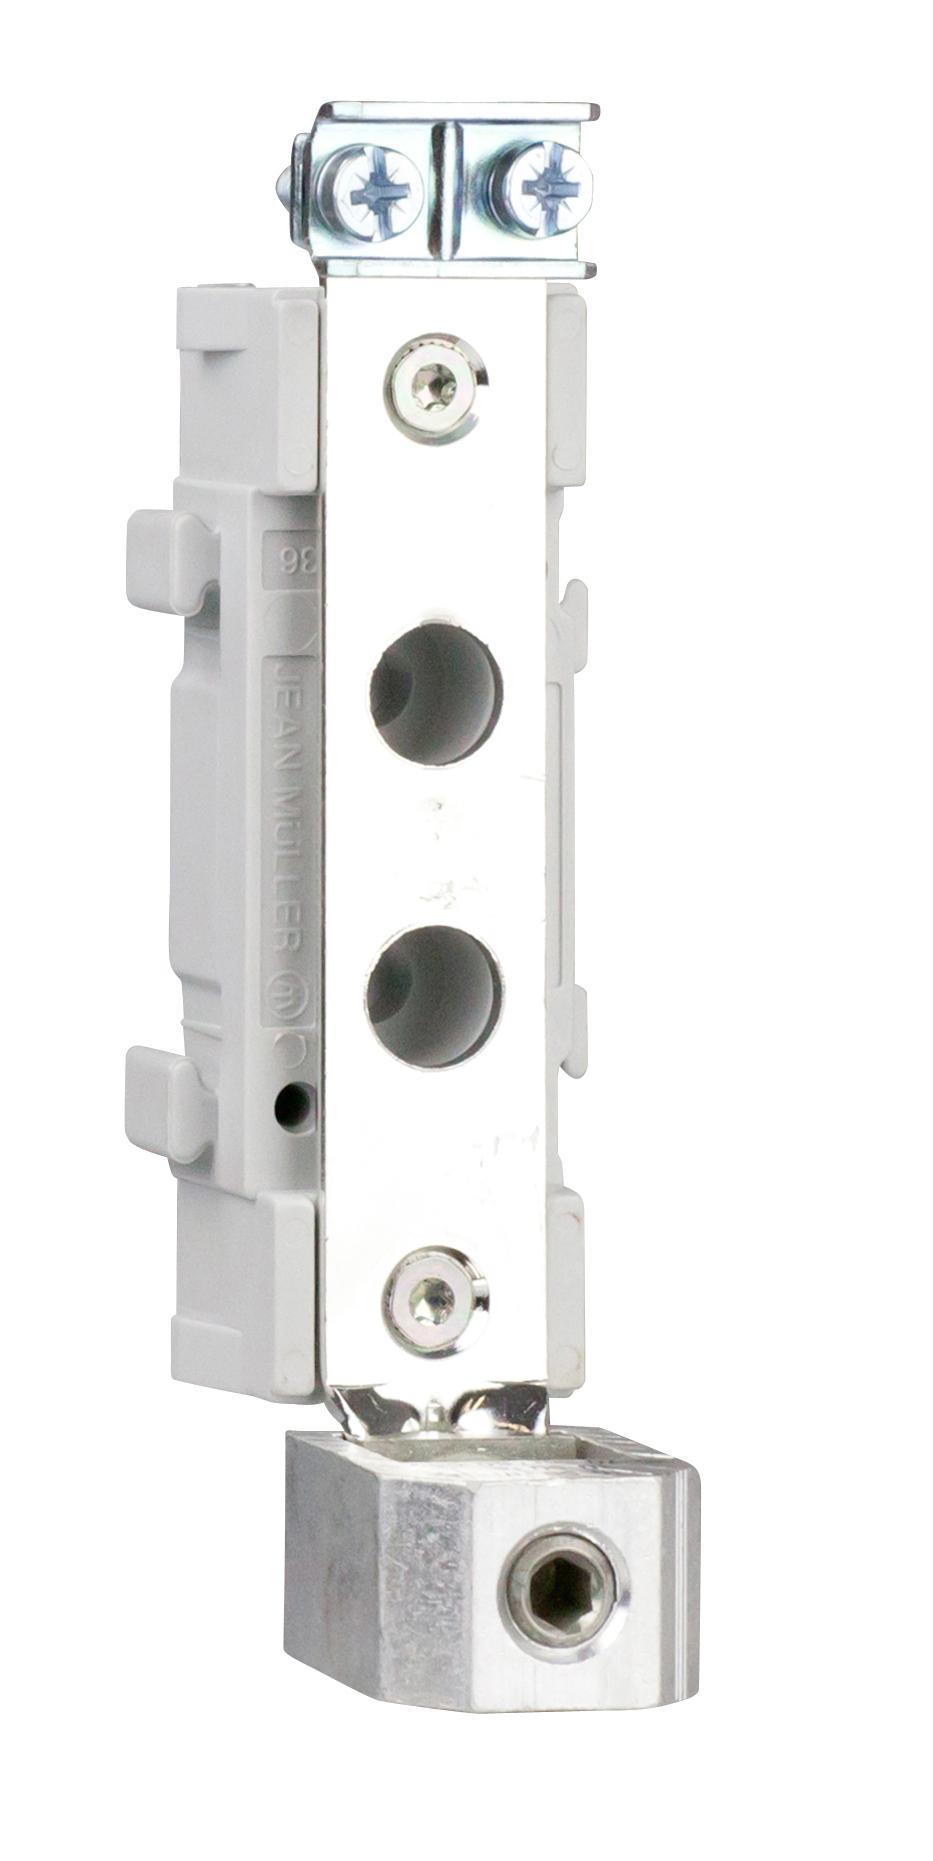 1 Stk Neutralleiter-Stütze, Größe 00, V-Klemme/Bride, 1-polig ISA05006--